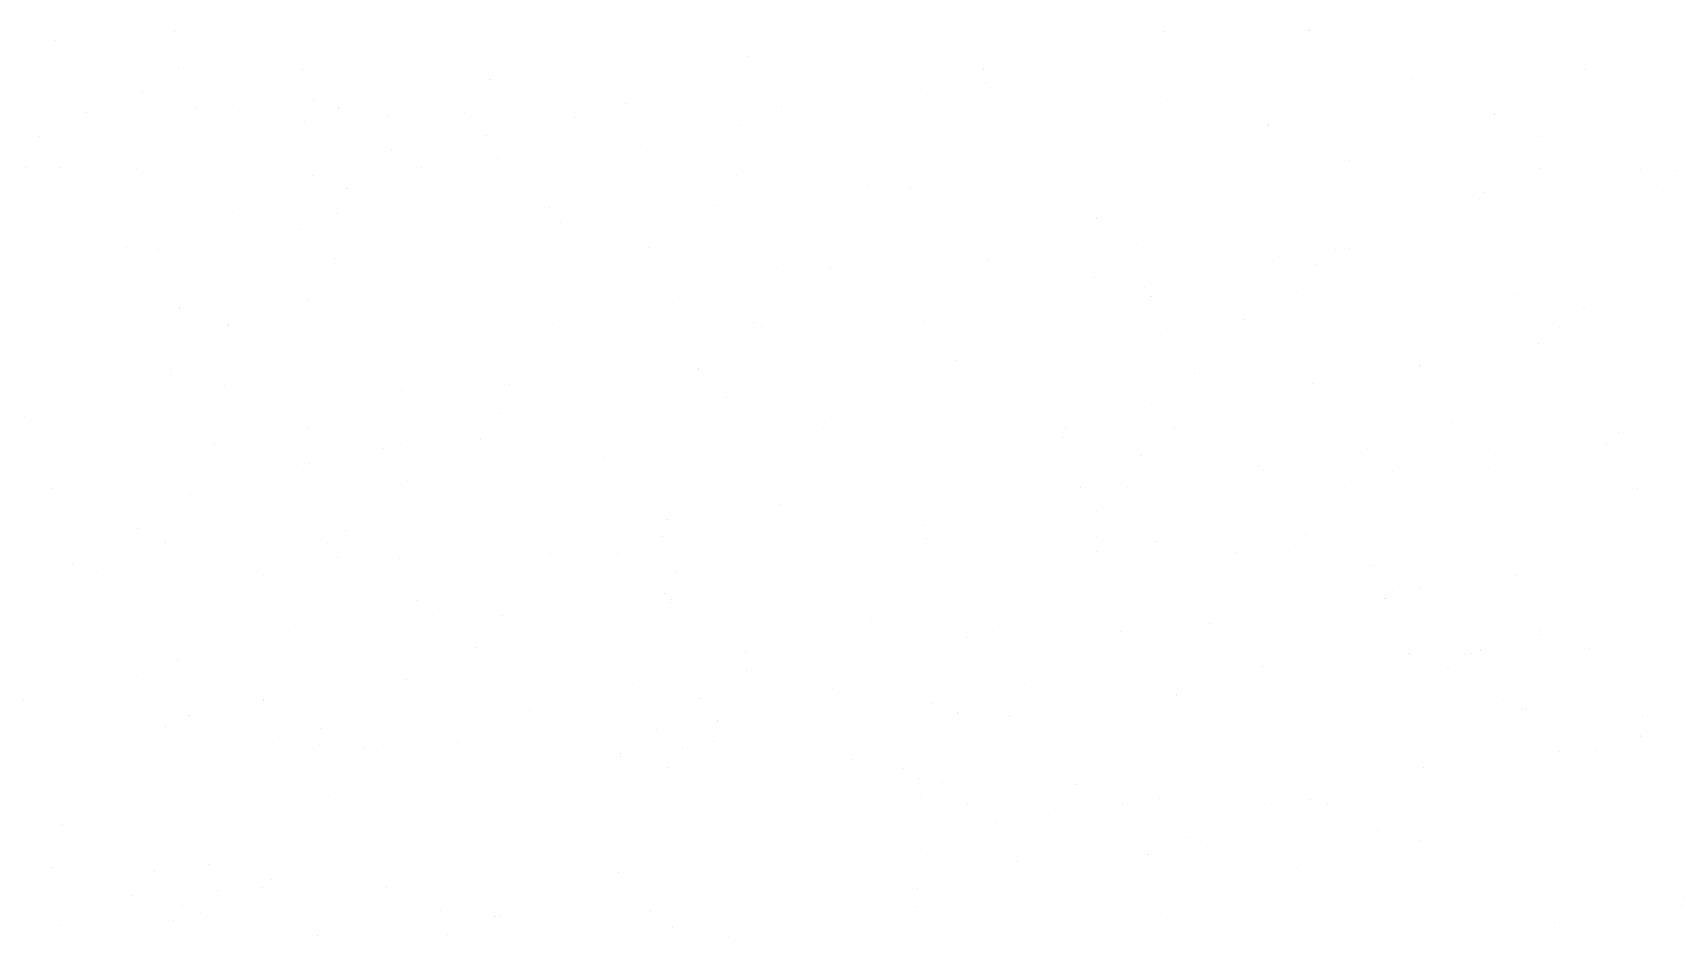 LifeArt 2018 Award winner B.png